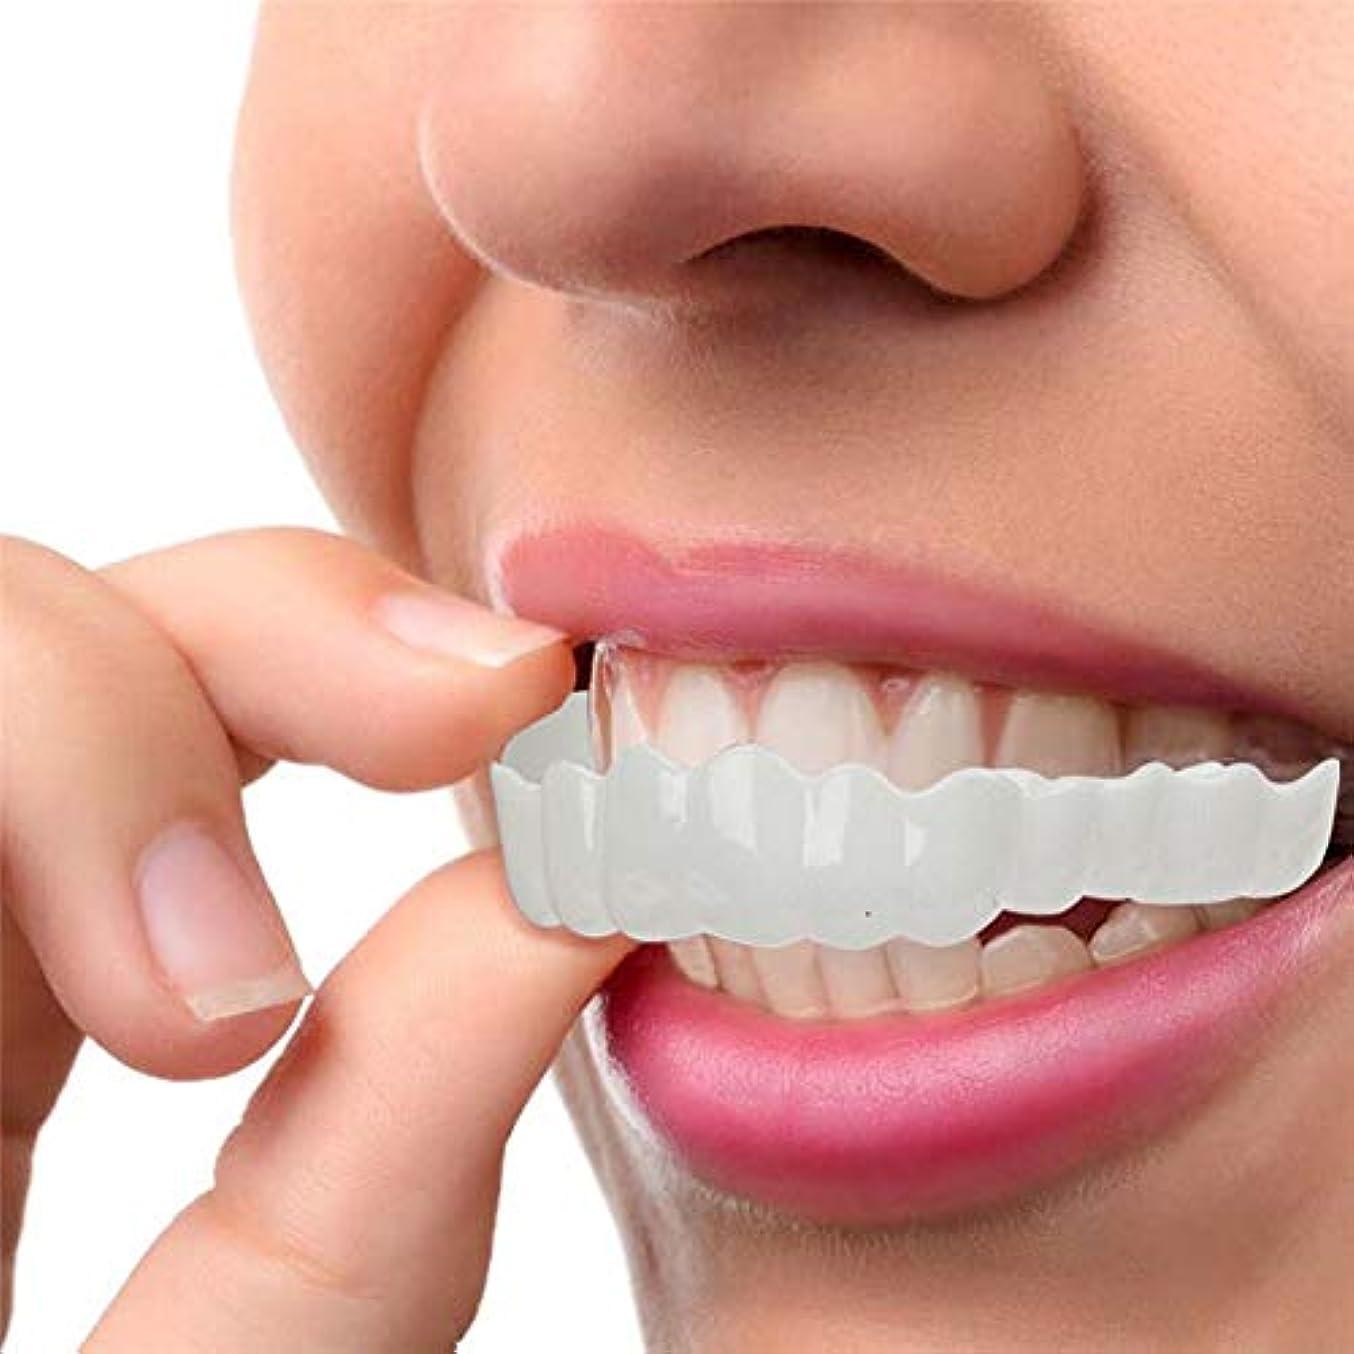 レーザ送るトラフィック化粧品の歯、白い歯をきれいにするための快適なフィットフレックス歯ソケット、超快適、快適なフィット感、5セット